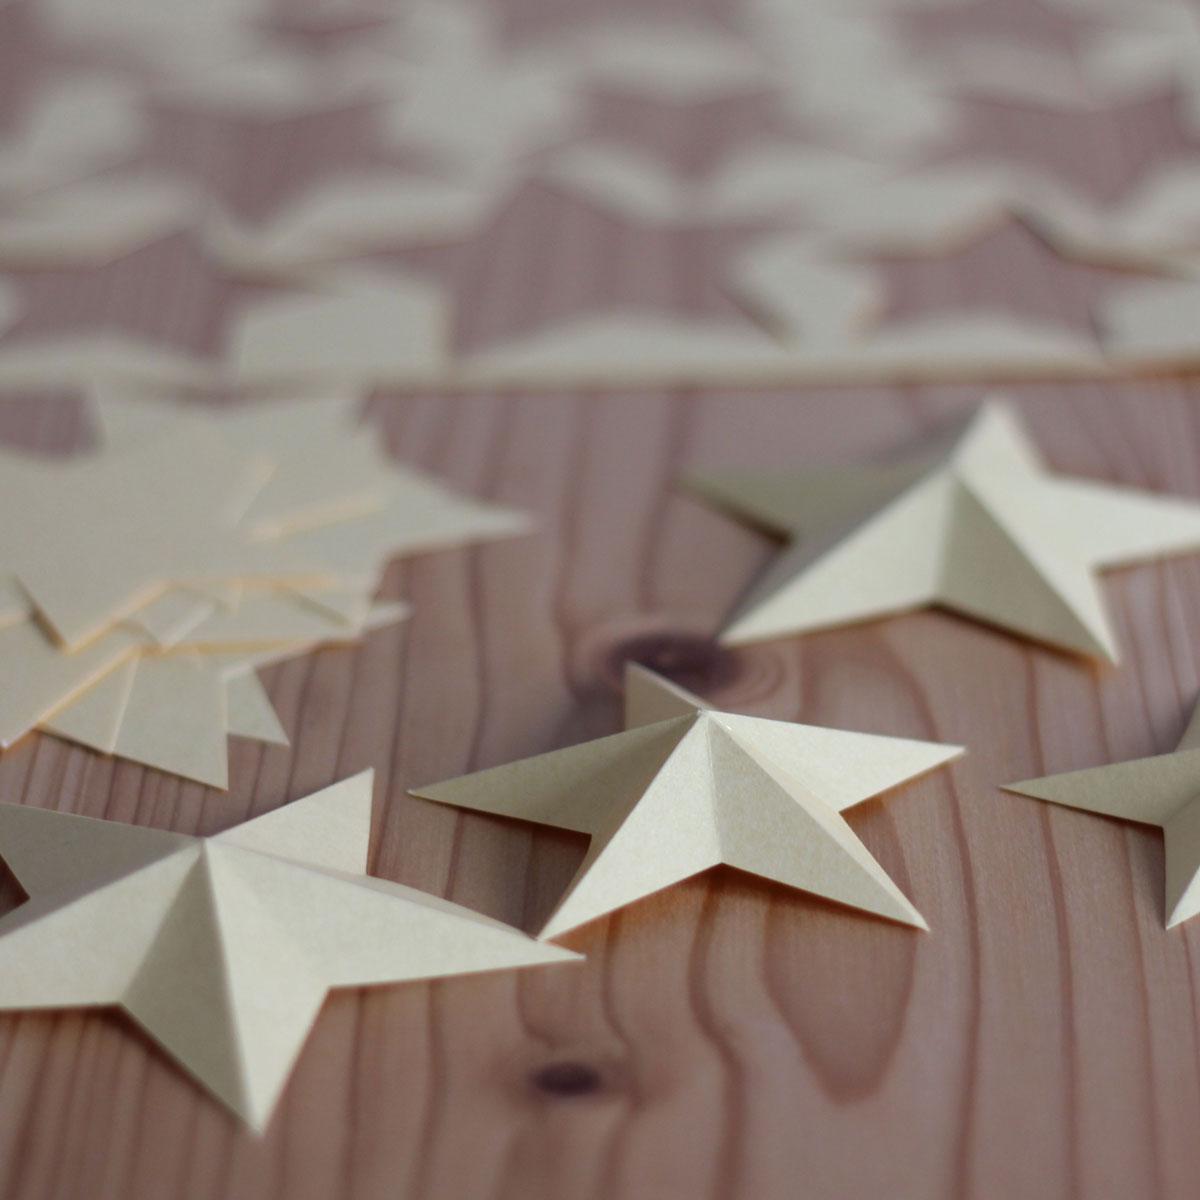 Sterne ausschneiden, falten, fertig!